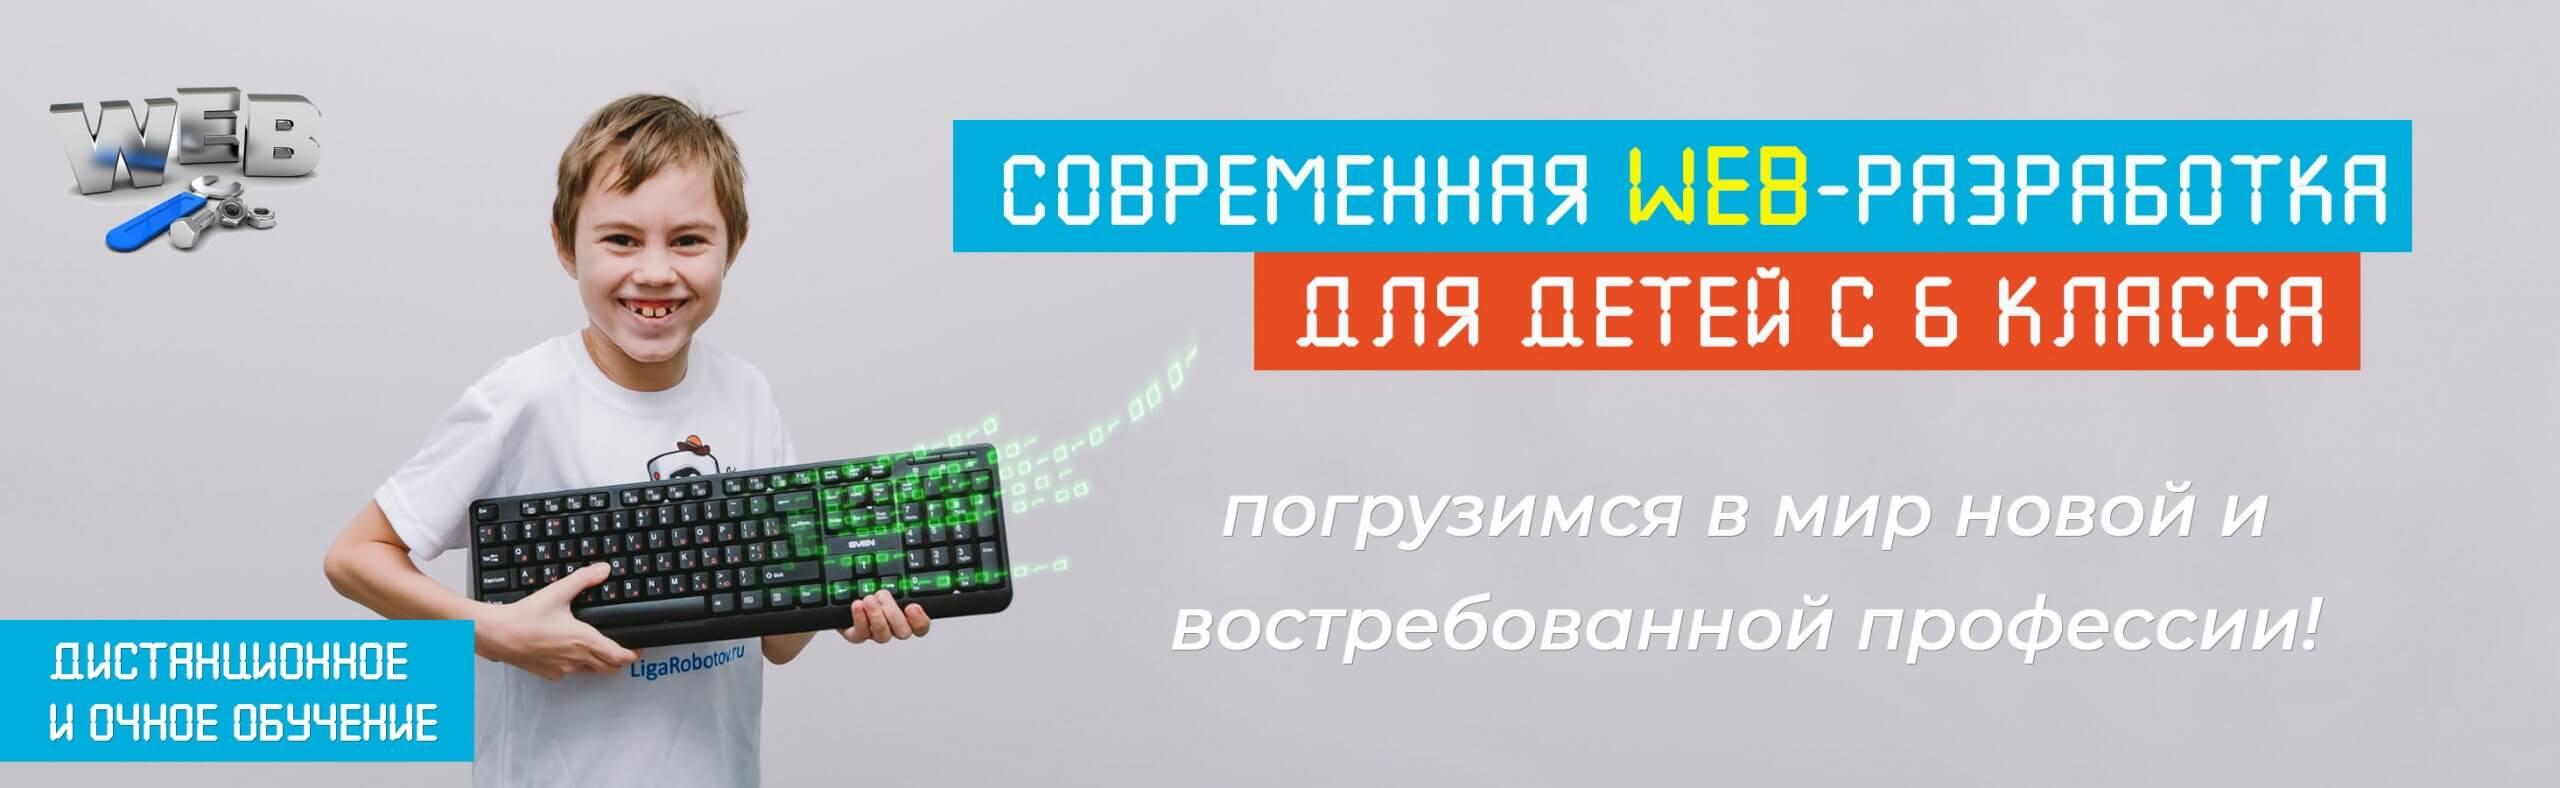 Современная web-разработка